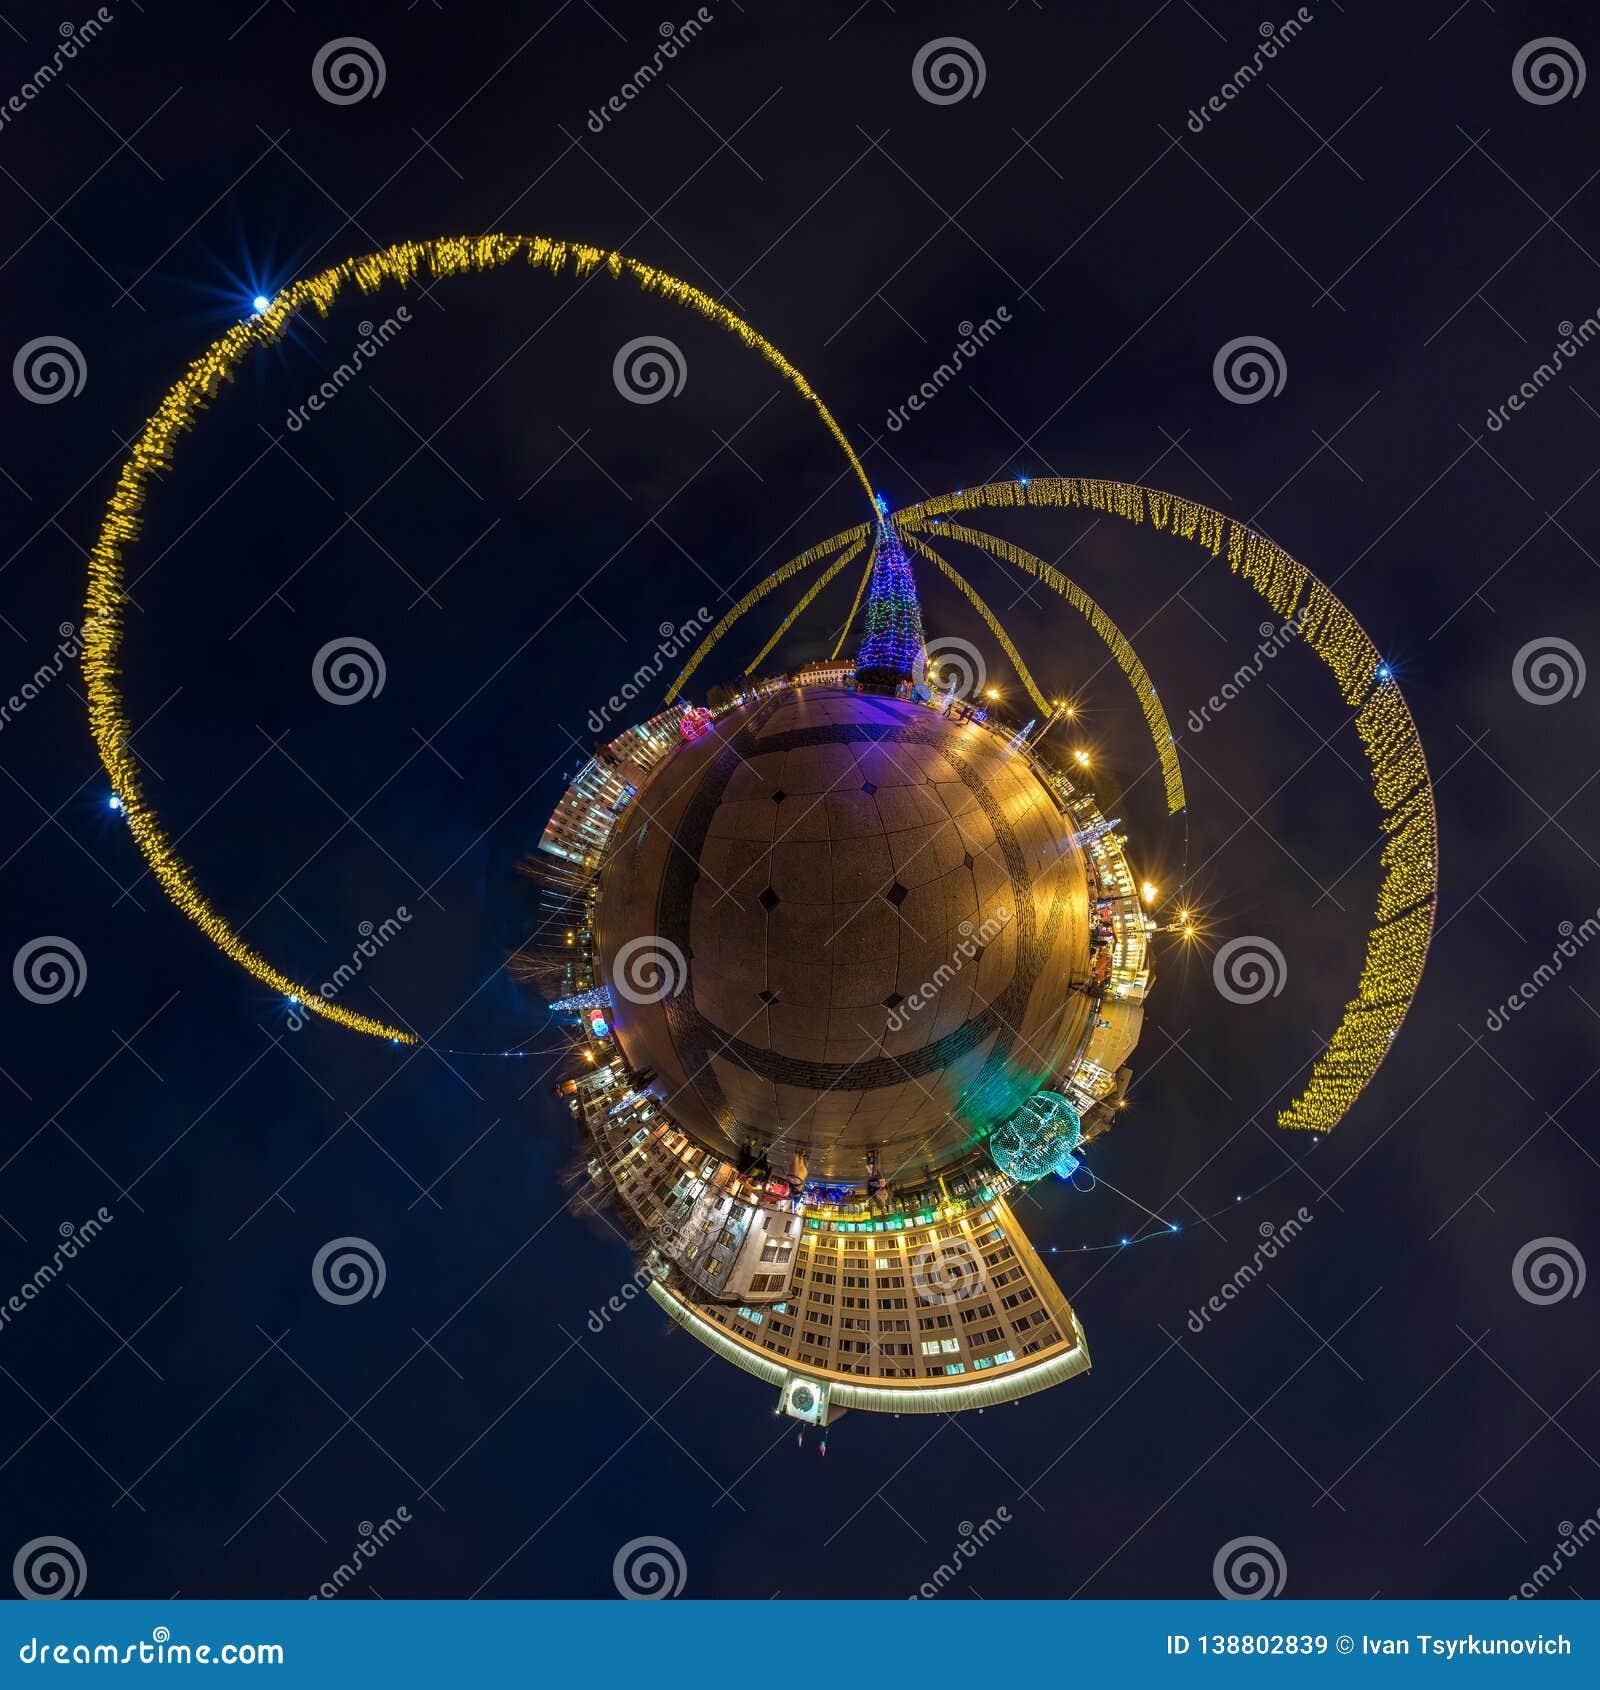 Año Nuevo poco planeta Vista nocturna aérea esférica del panorama de 360 grados en un cuadrado festivo con un árbol de navidad